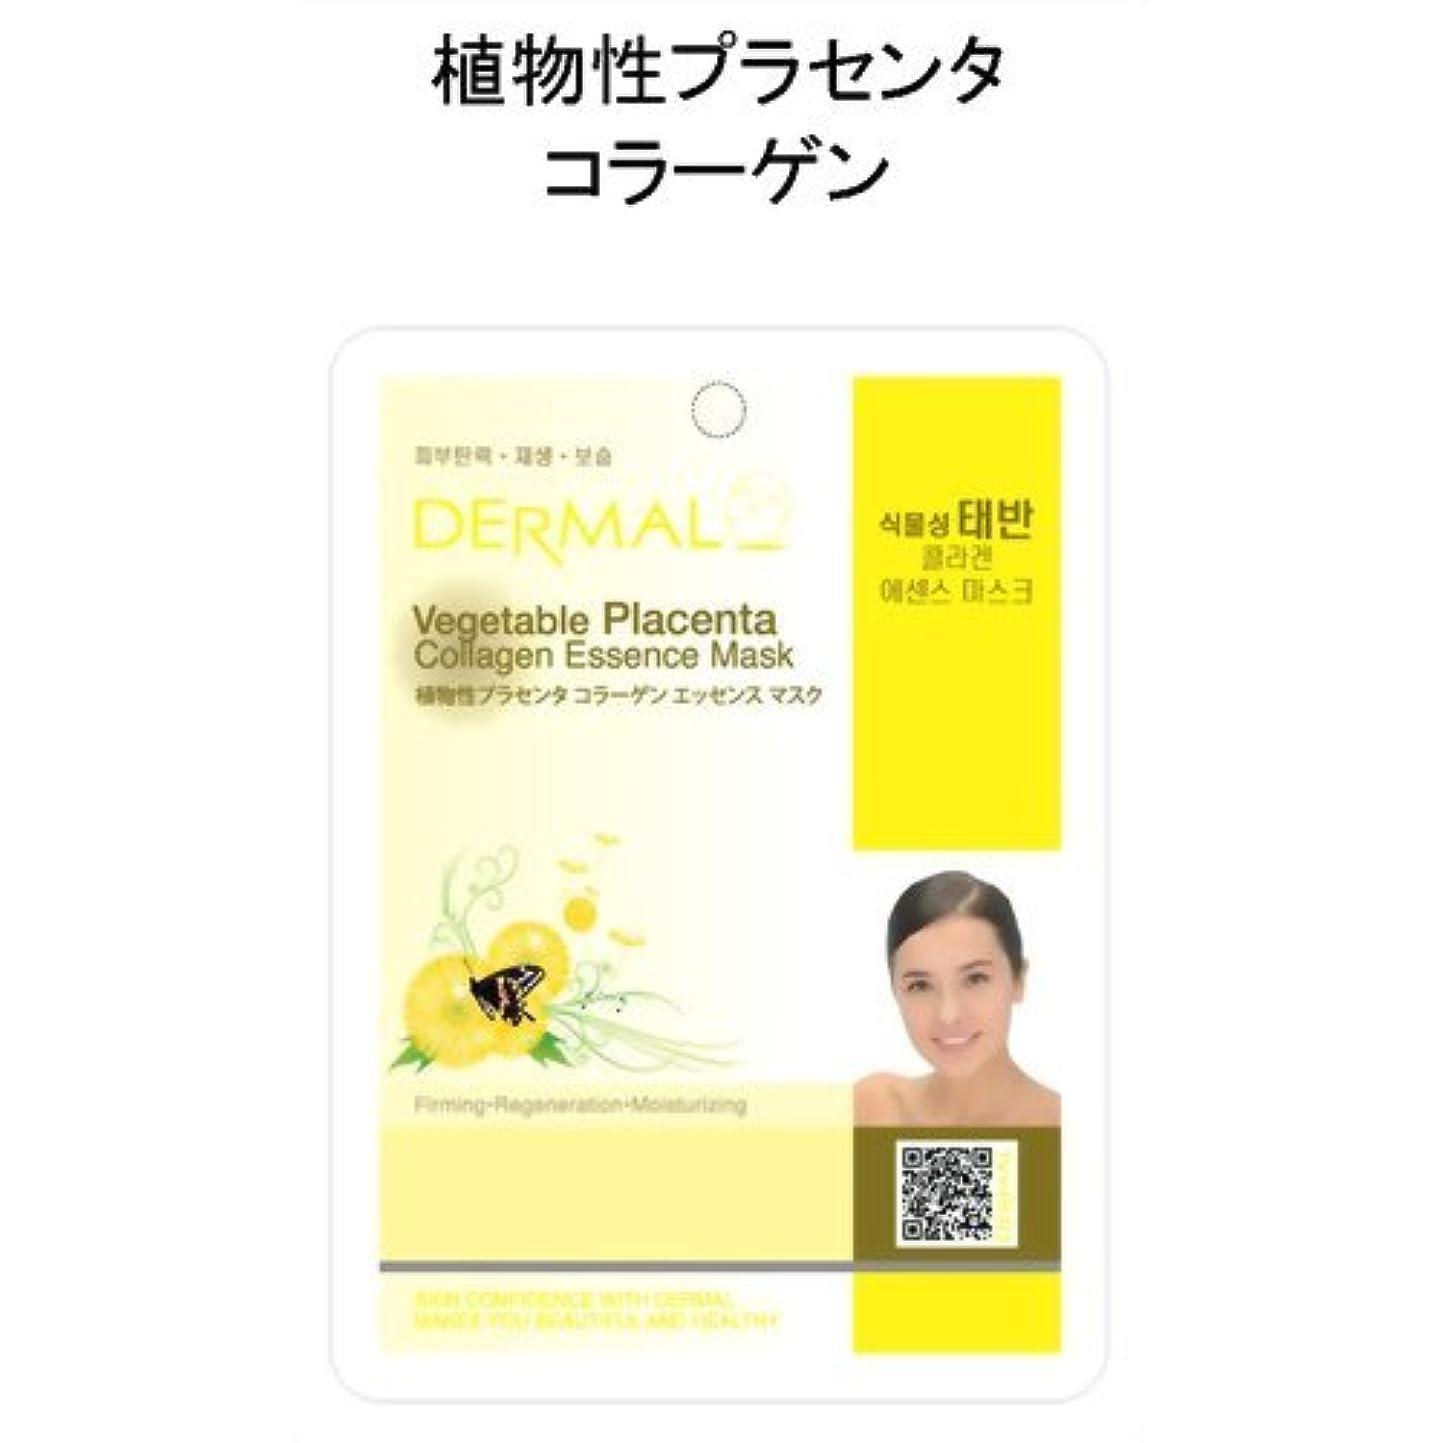 めまいが購入リール新DERMAL ダーマル シートマスク 植物プラセンタコラーゲン 人気韓国パック